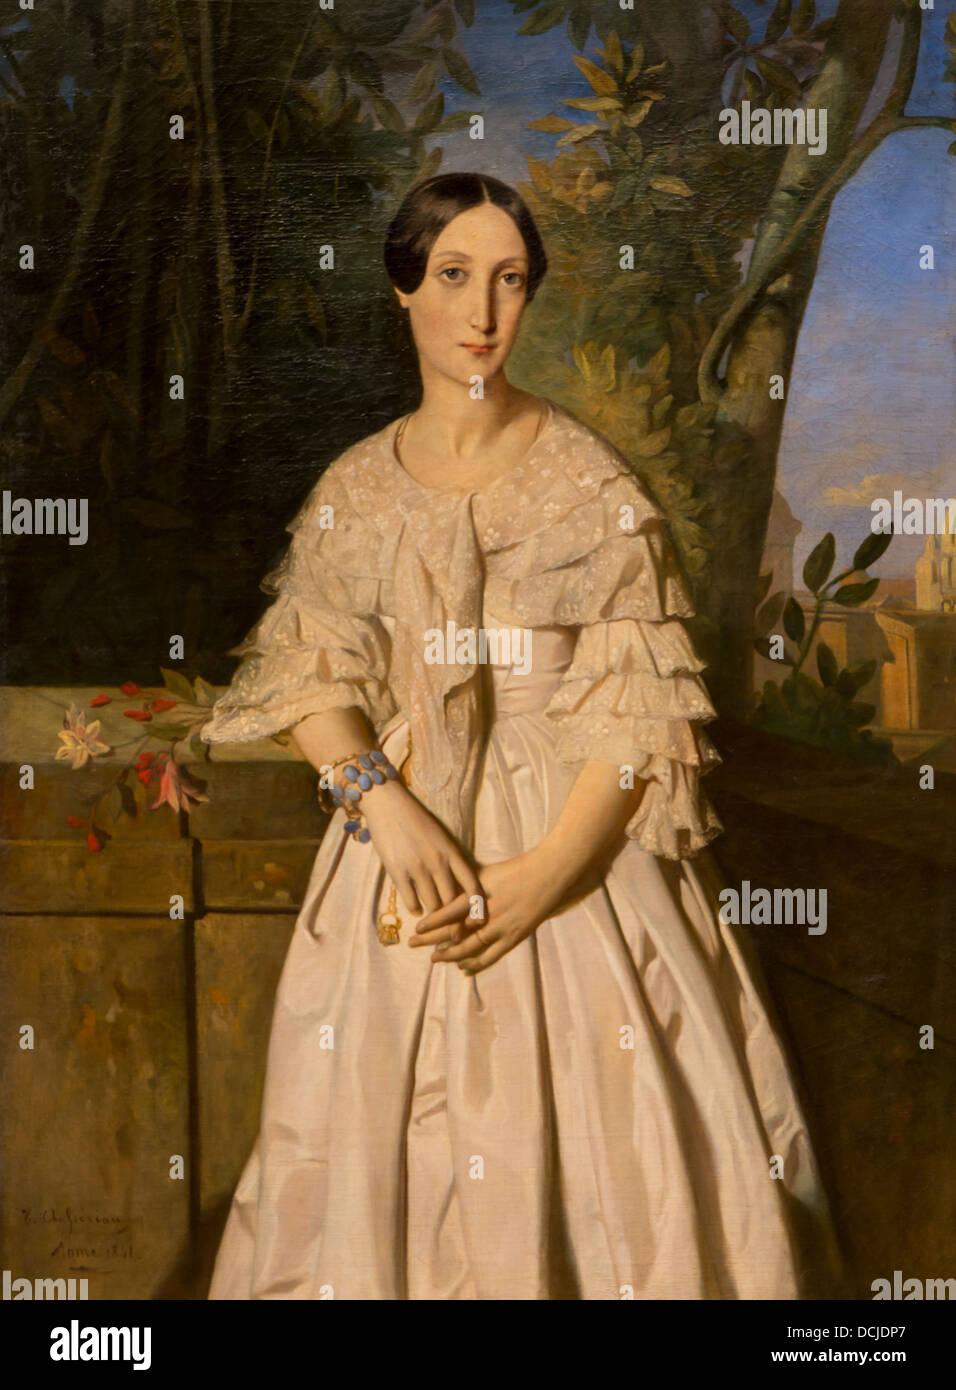 19th century  -  Comtesse de La Tour-Maubourg, Born Marie-Louise Thomas de Pange), 1841 - Théodore Chassériau - Stock Image